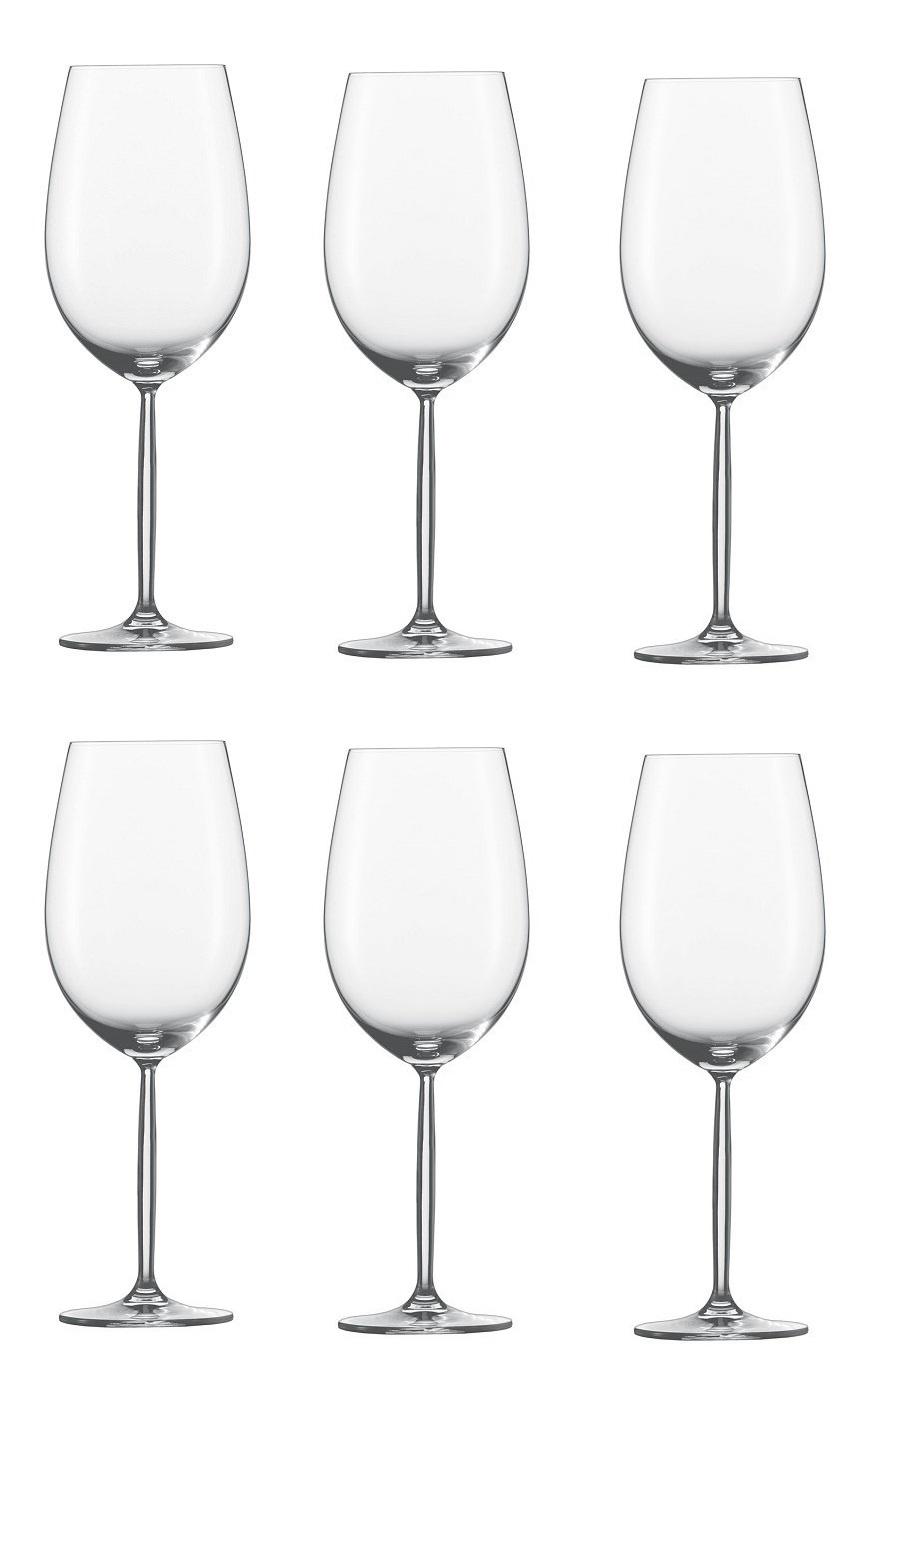 Онлайн каталог PROMENU: набор бокалов для красного вина_Bordeaux 0,800 л 6 шт                               104102_6шт